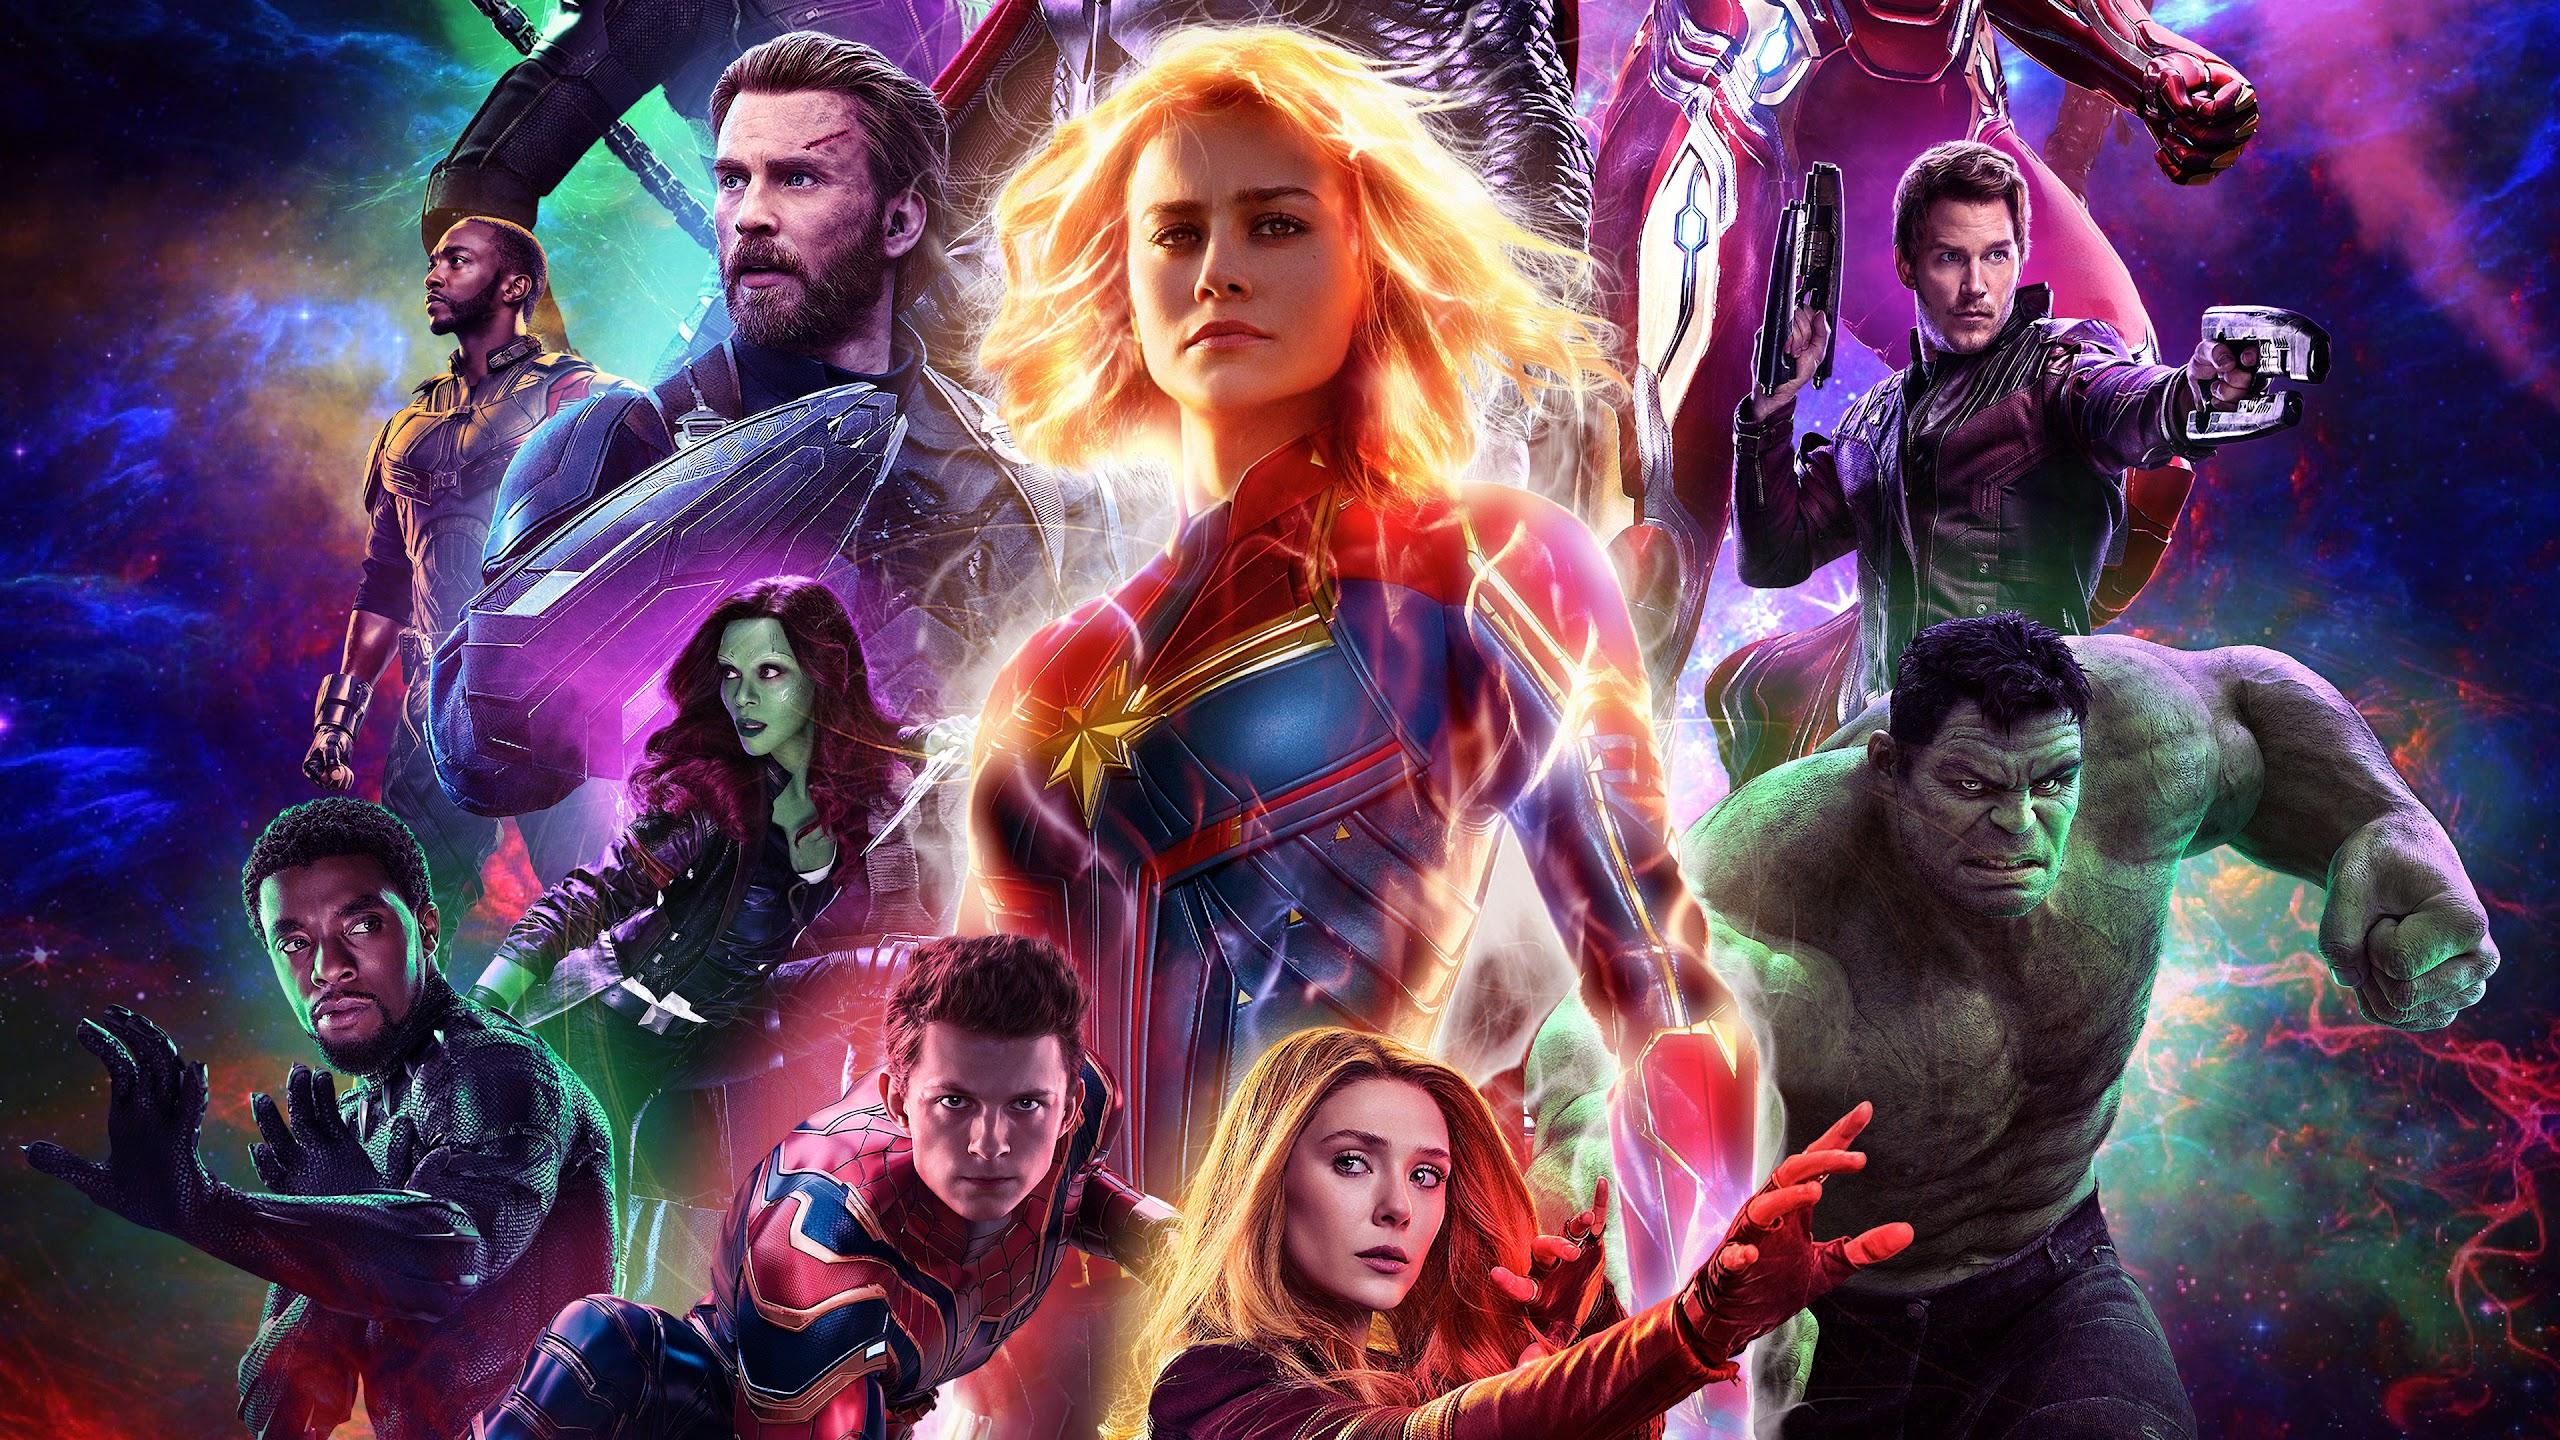 Avengers Endgame Characters 4k 48 Wallpaper